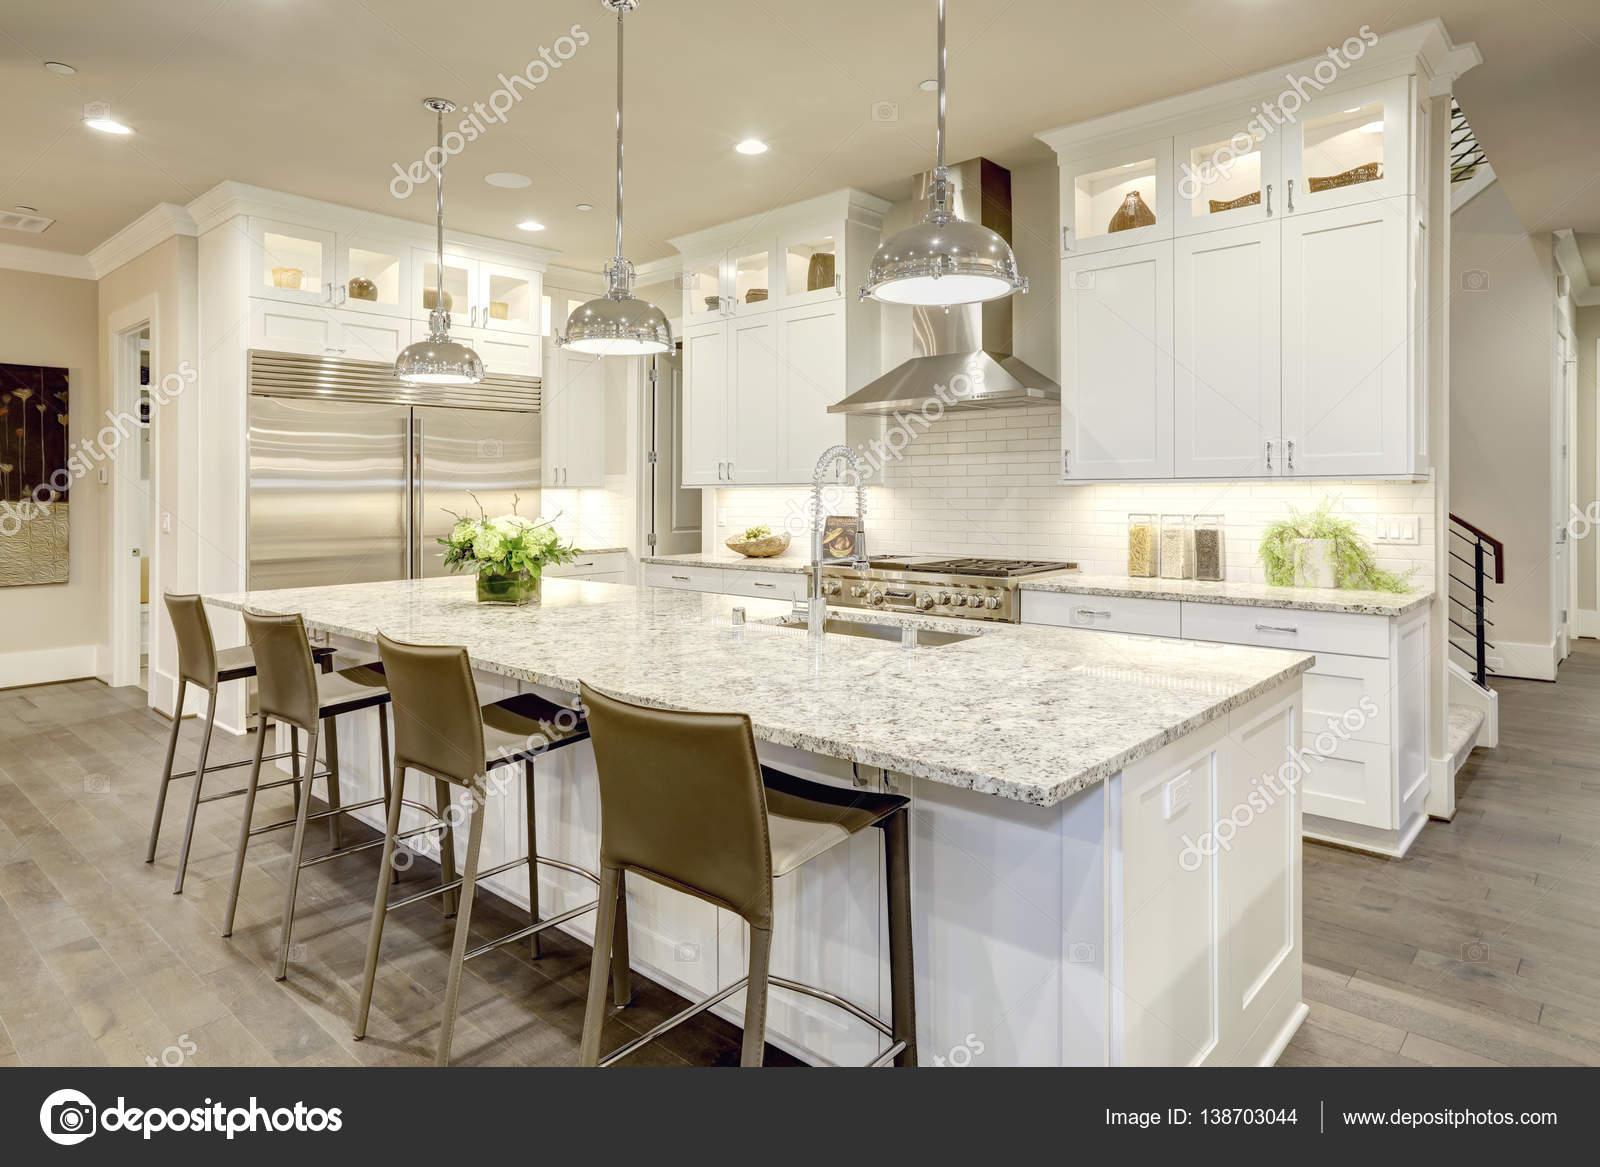 Diseño de cocina blanco en casa de lujo nueva — Foto de stock ...